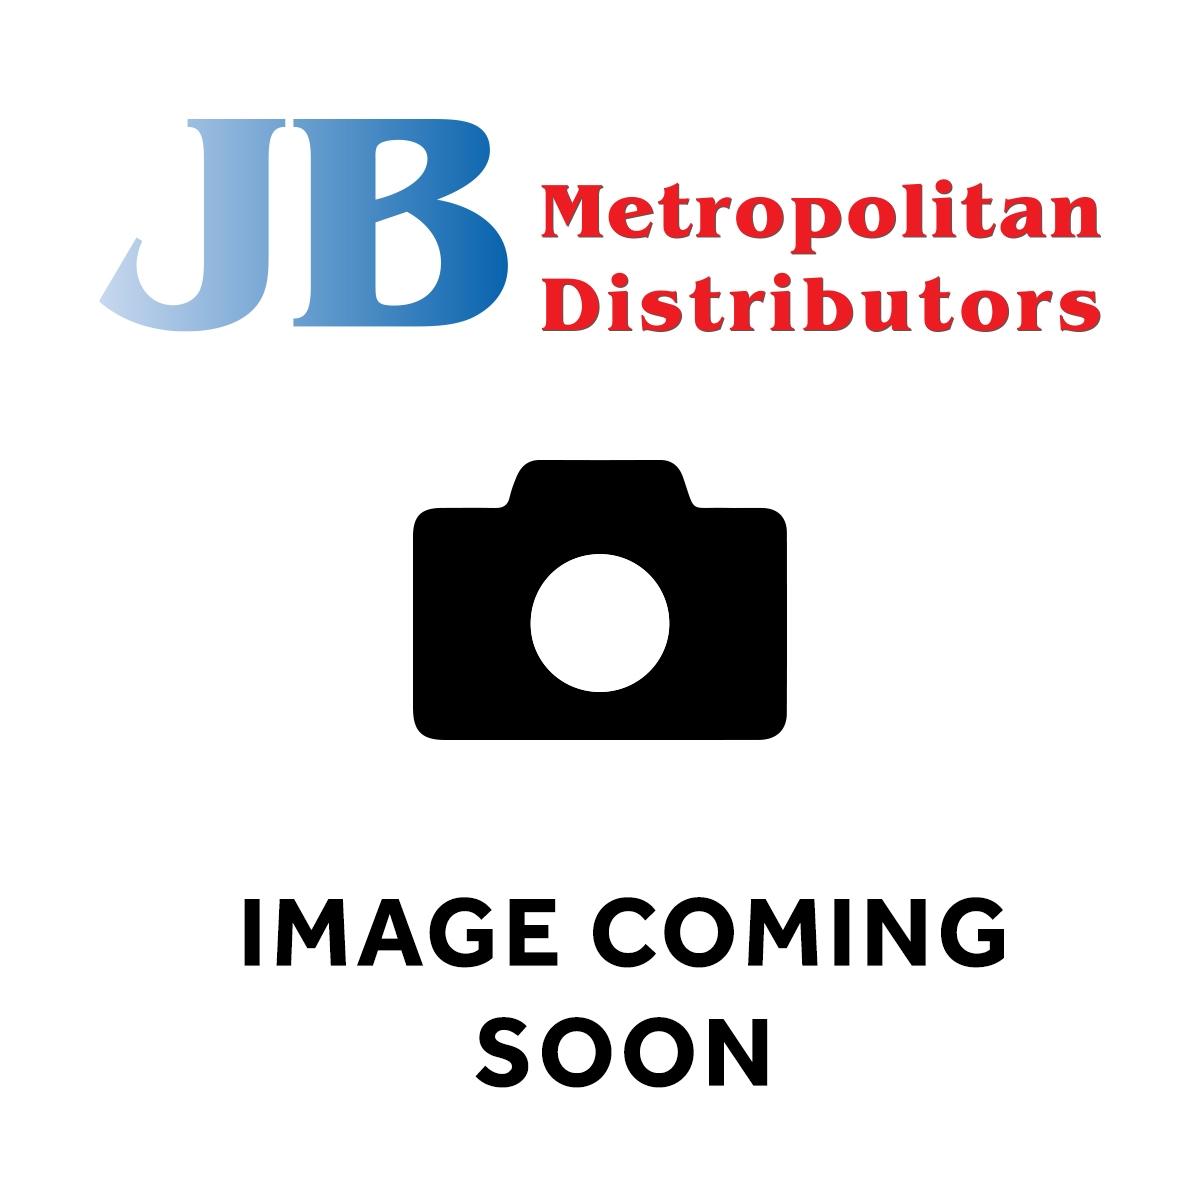 235G STARBURST SOUR CHEW